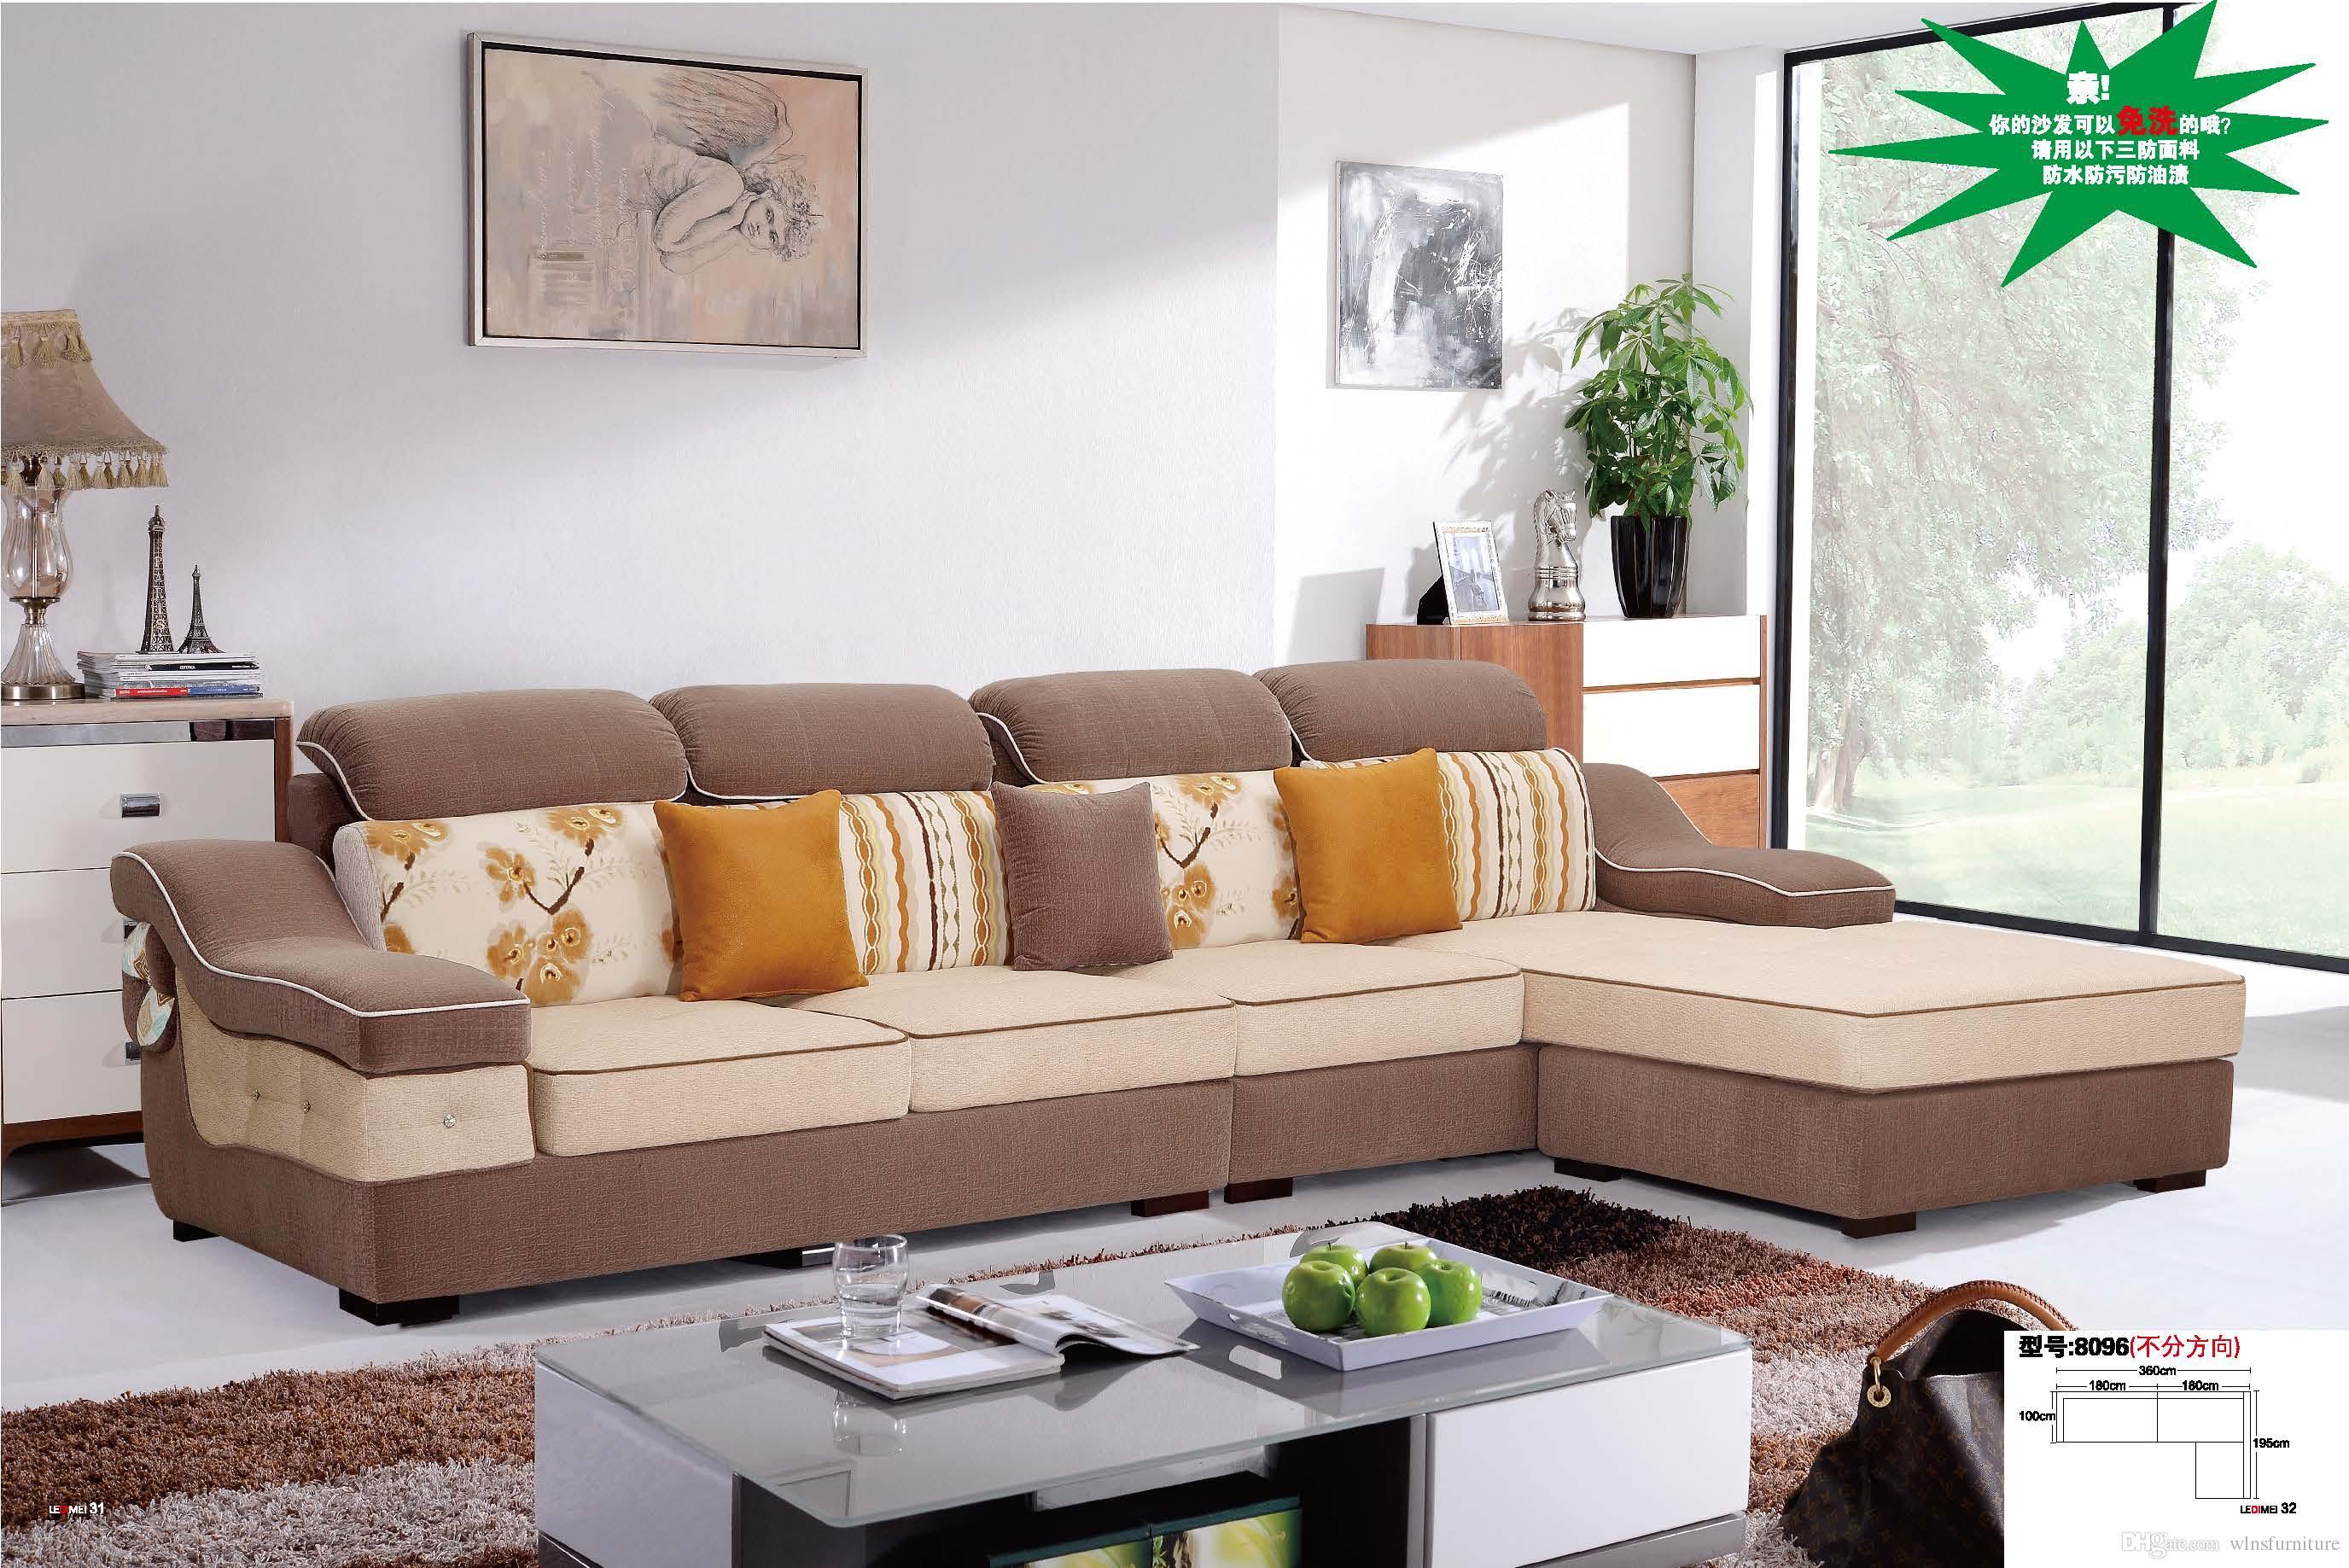 U-Form Schnitt Antibakterielle Gewebe Sofa Wohnzimmer Möbel angepasst  Mutip-Wahl 410x192cm Wohnmöbel Sofa für Wohnzimmer gesetzt